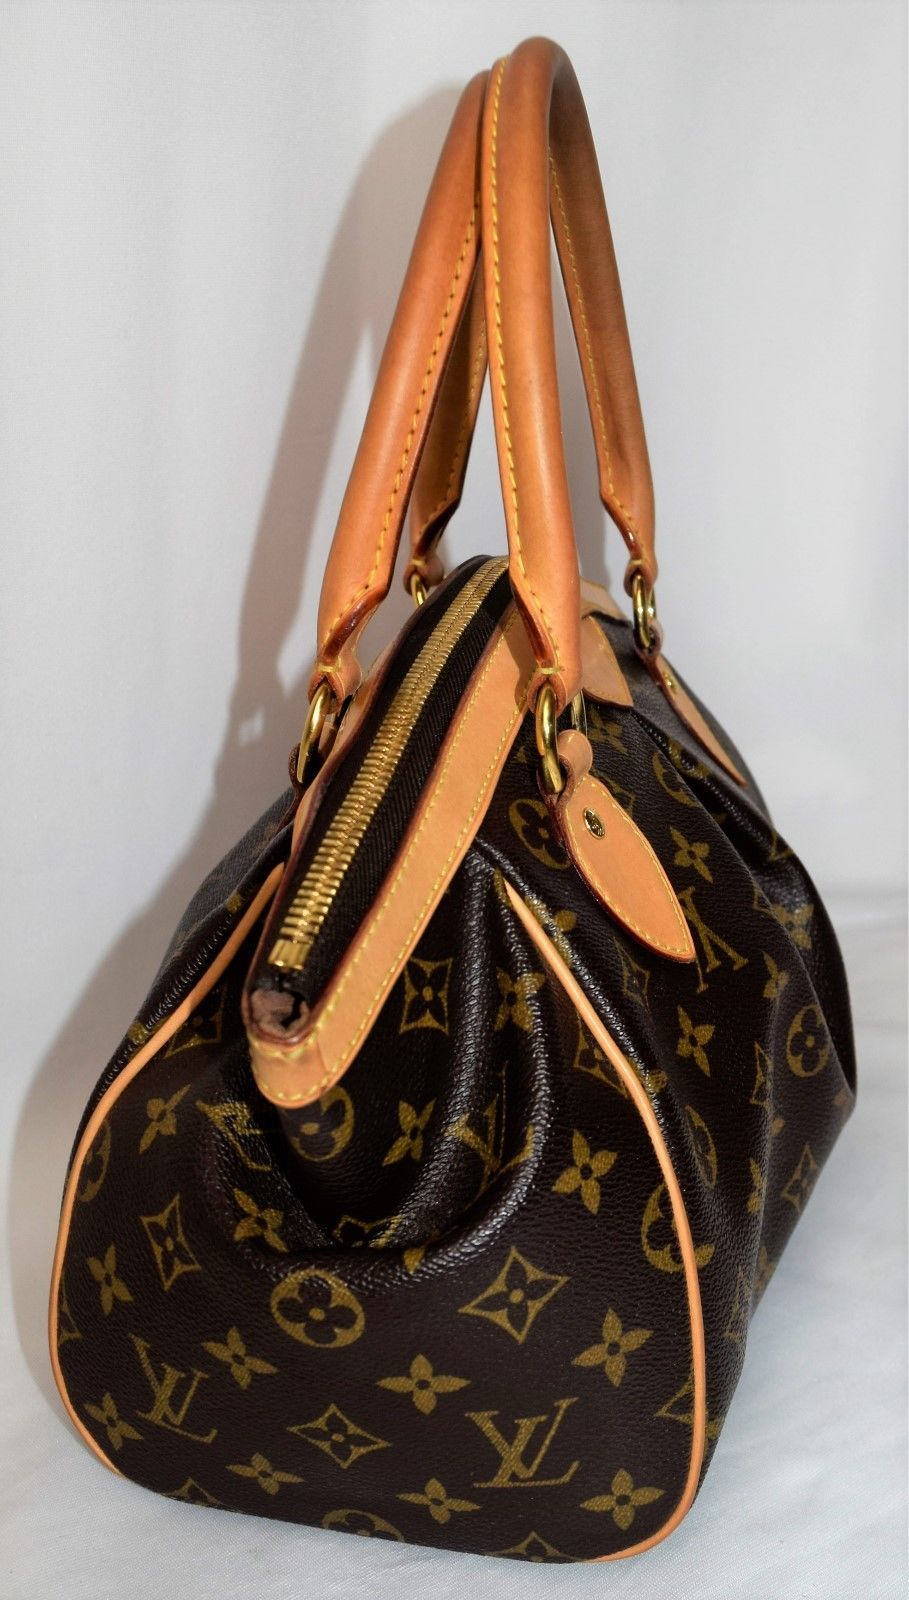 de80ced5651a LOUIS VUITTON Tivoli PM Monogram Canvas Handbag  799.0